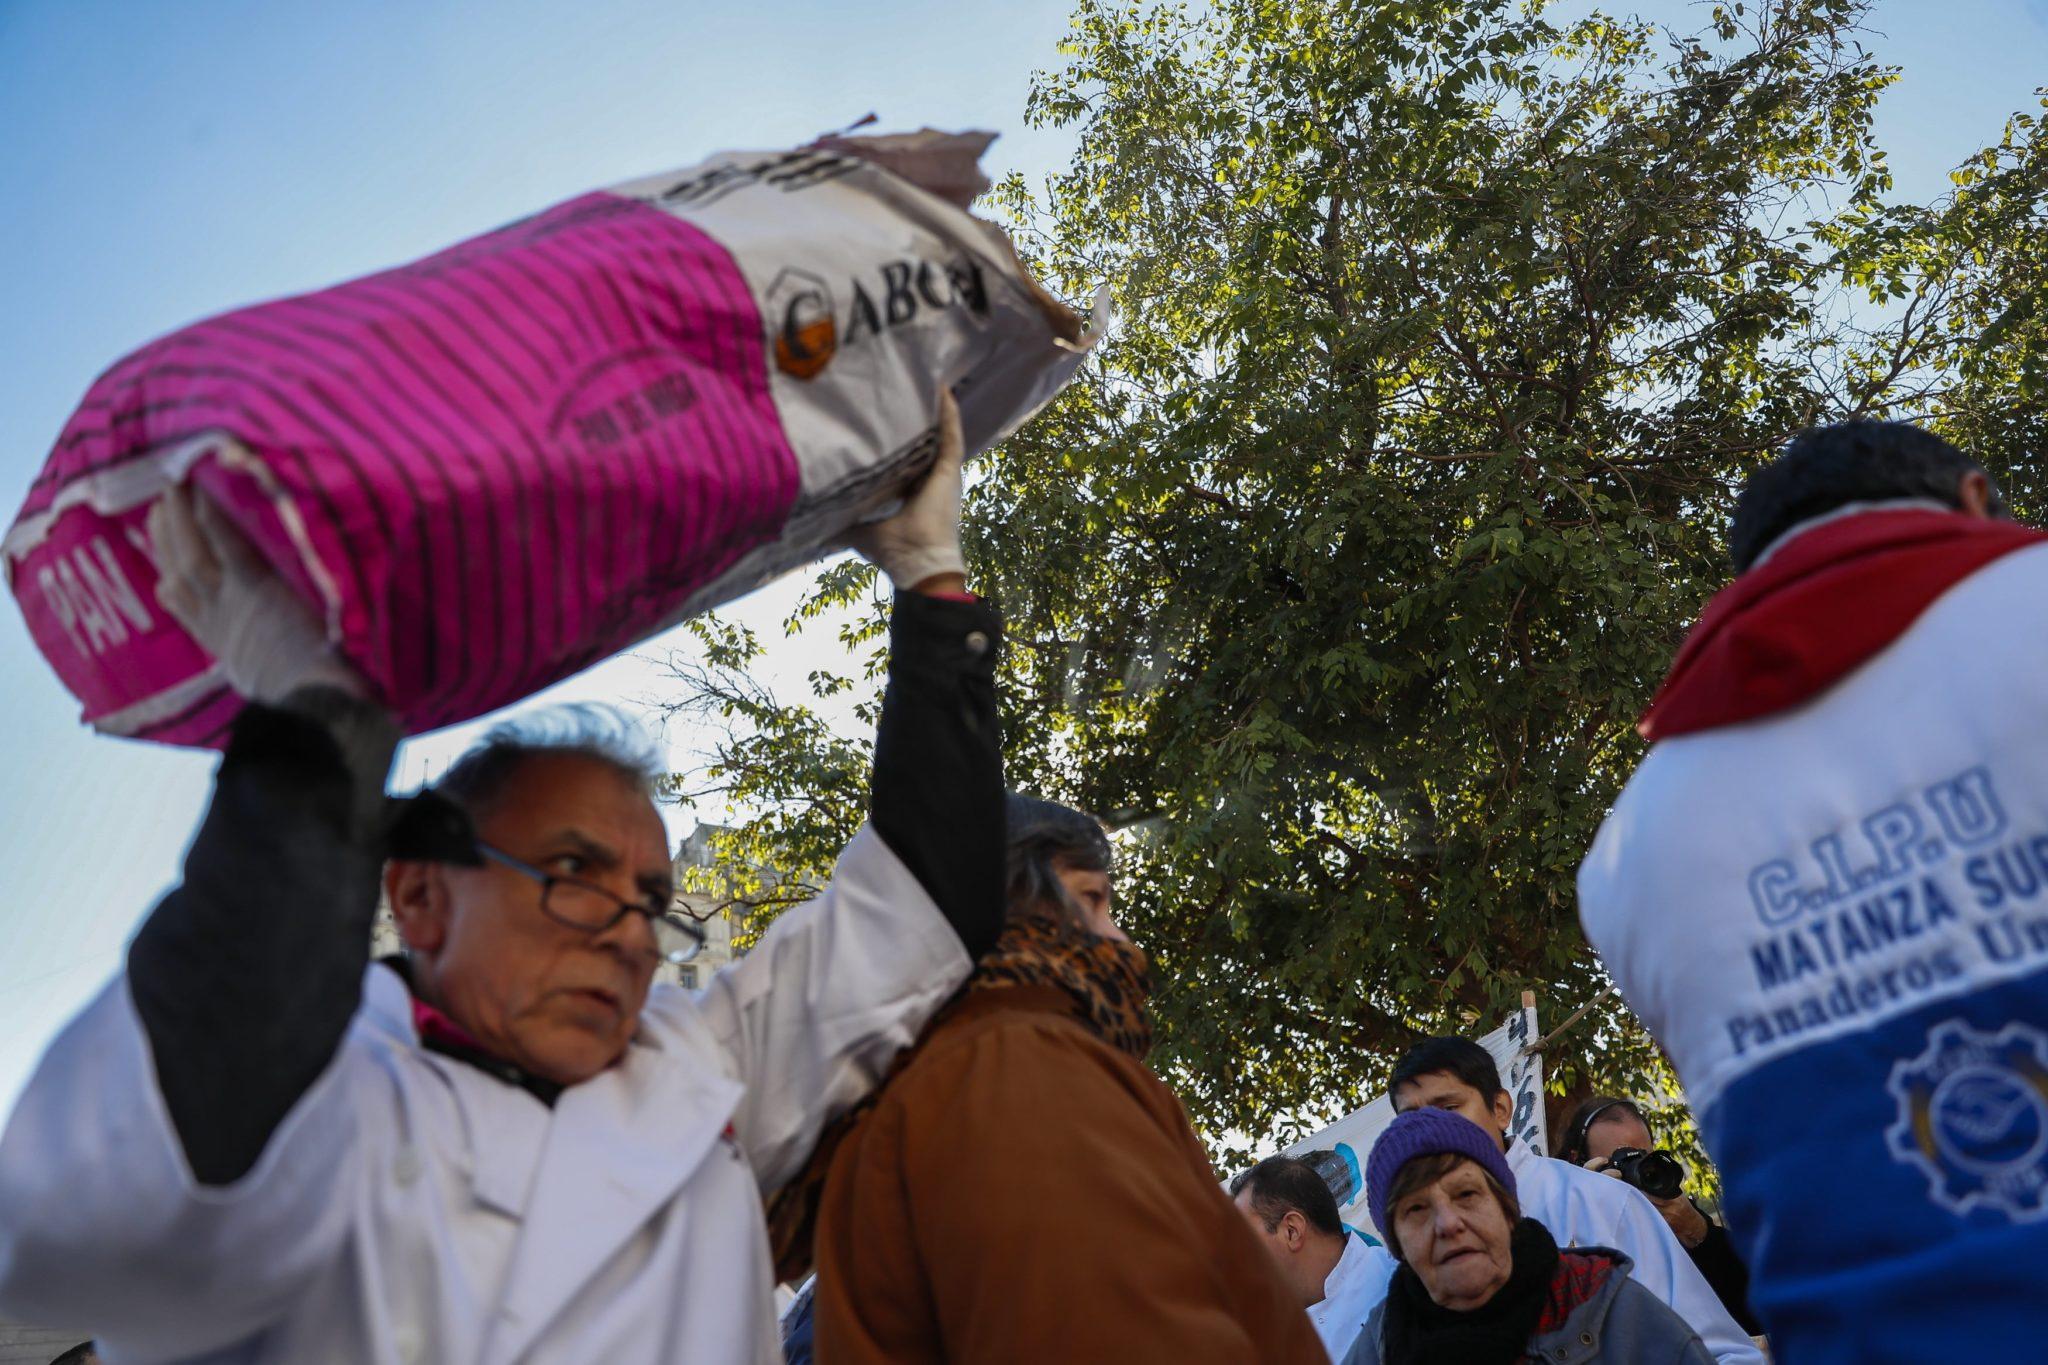 Buenos Aires, Argentina: argentyńscy piekarze demonstrują przed siedzibą Kongresu, rozdają około 5000 kg chleba ze względu na